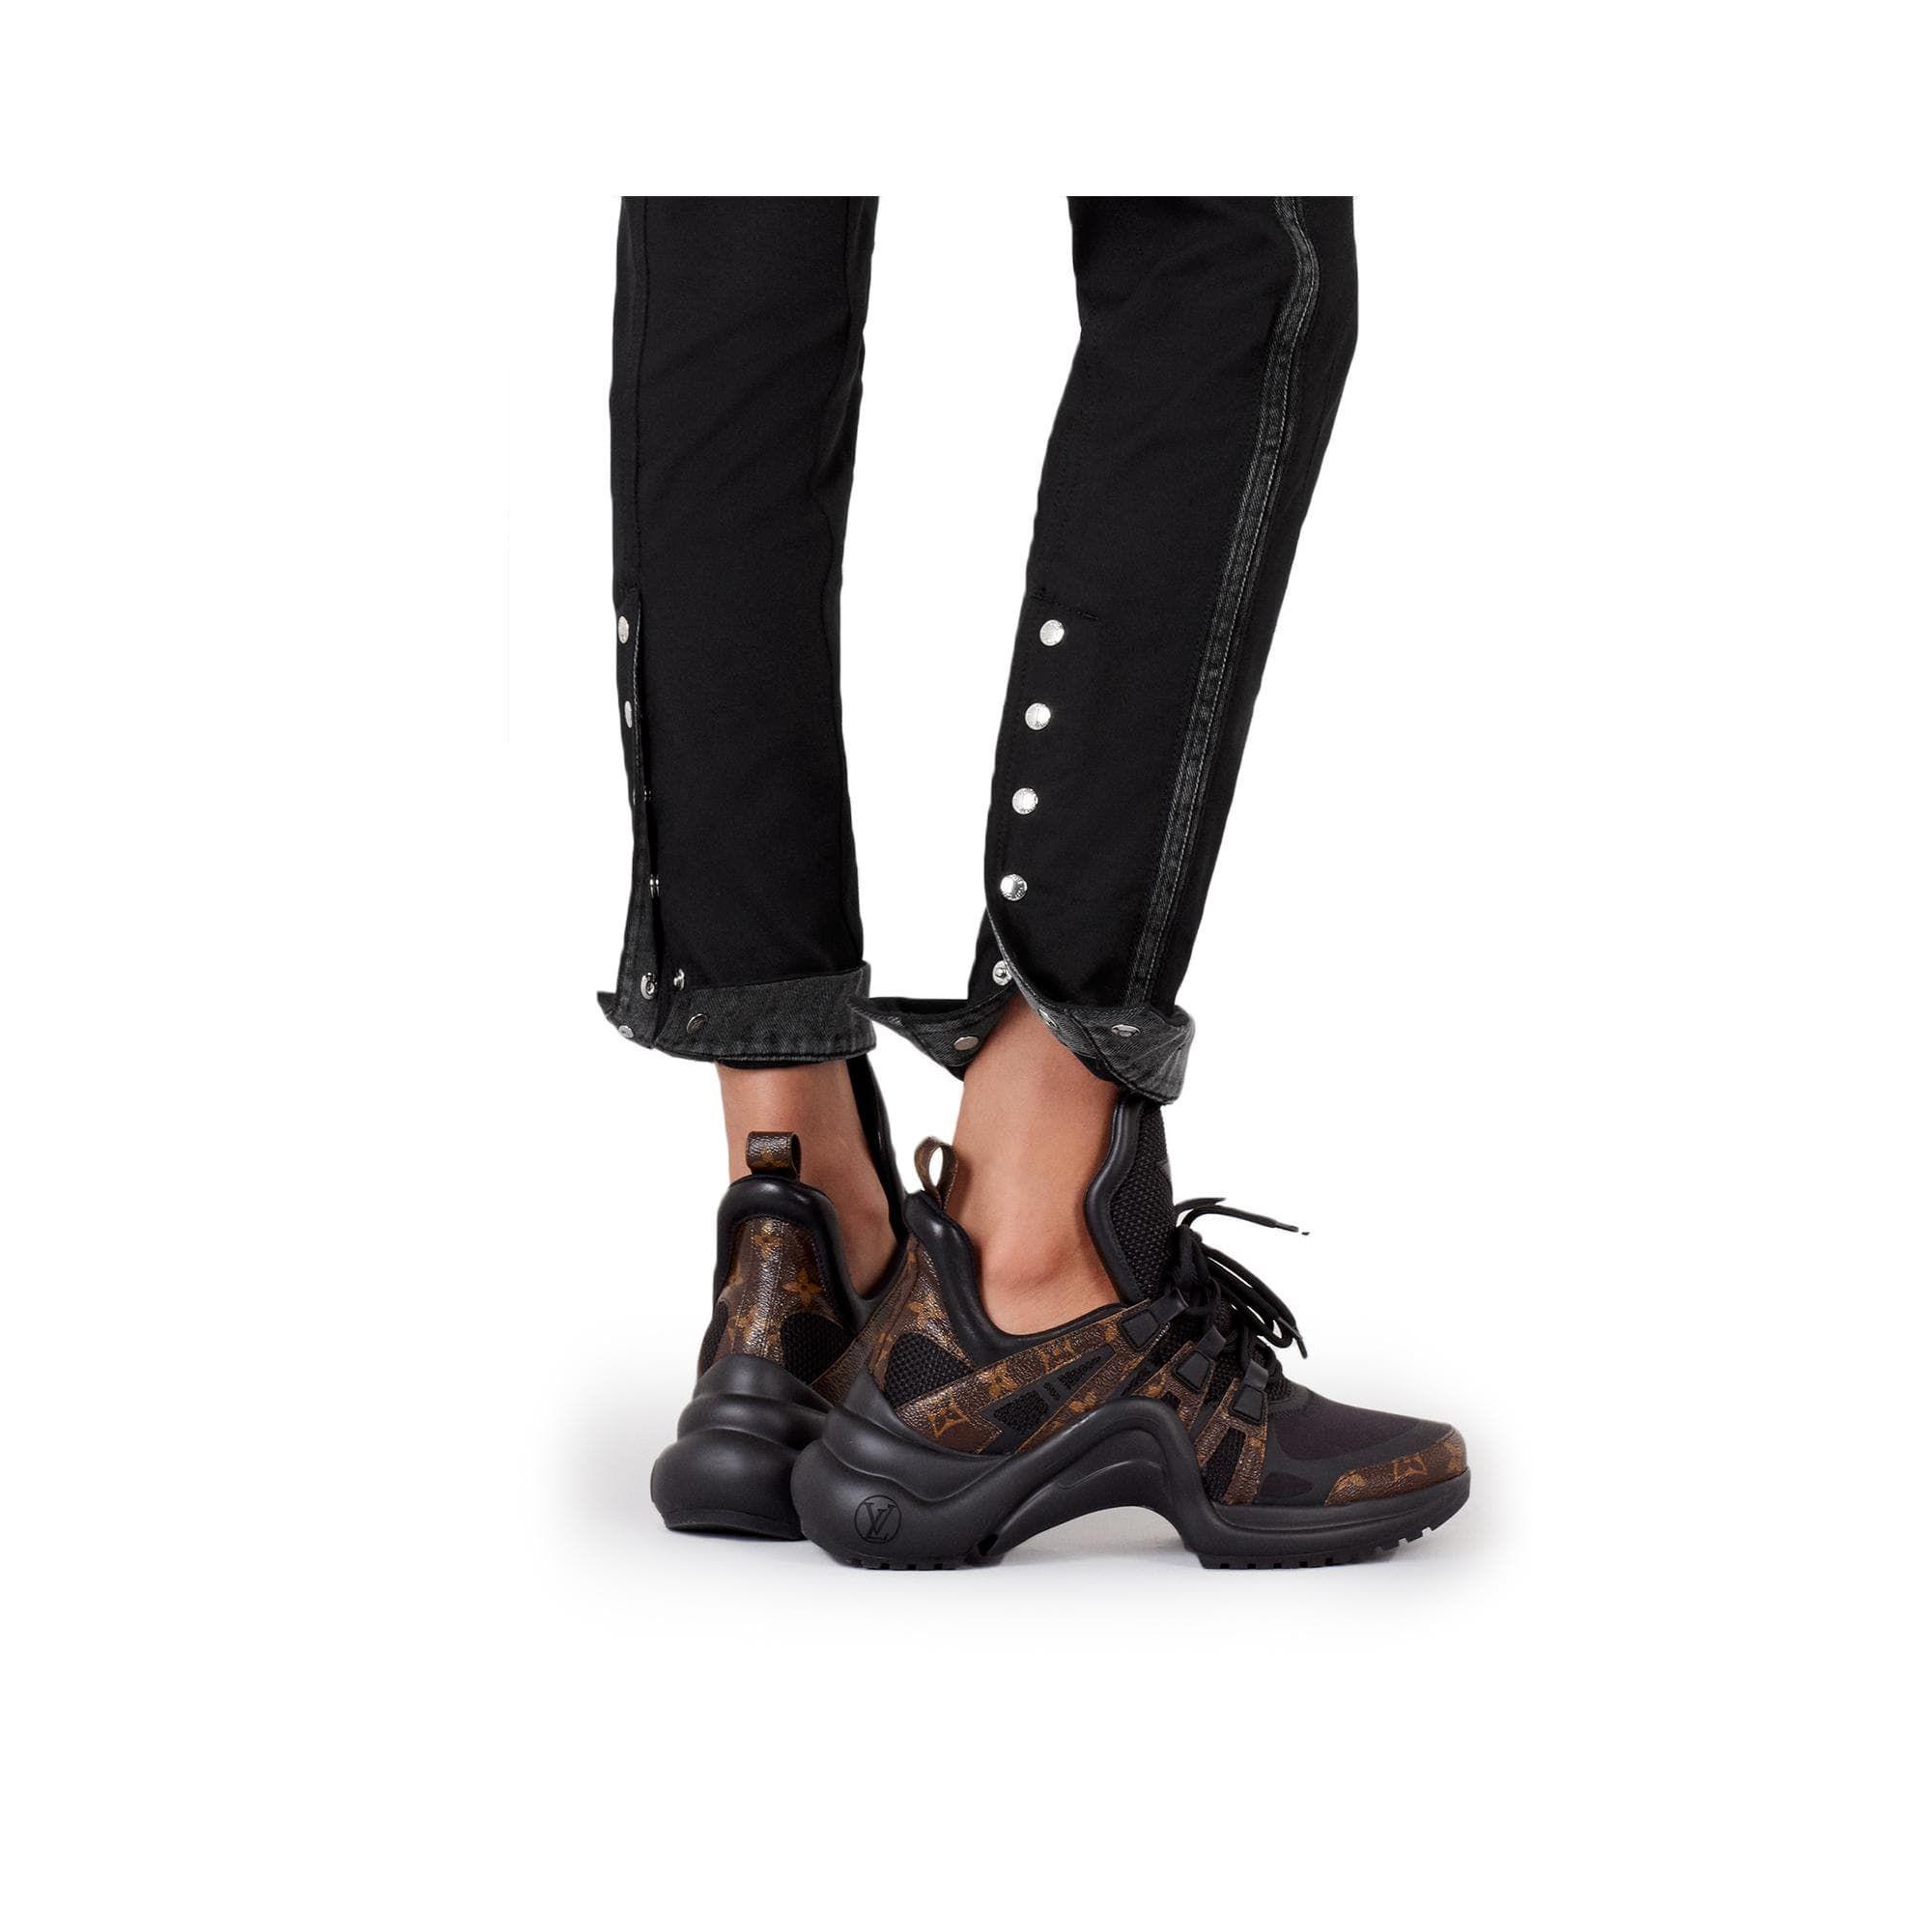 Lv Archlight Sneaker Shoes Louis Vuitton Louis Vuitton Shoes Sneakers Louis Vuitton Shoes Cute Sneaker Outfits